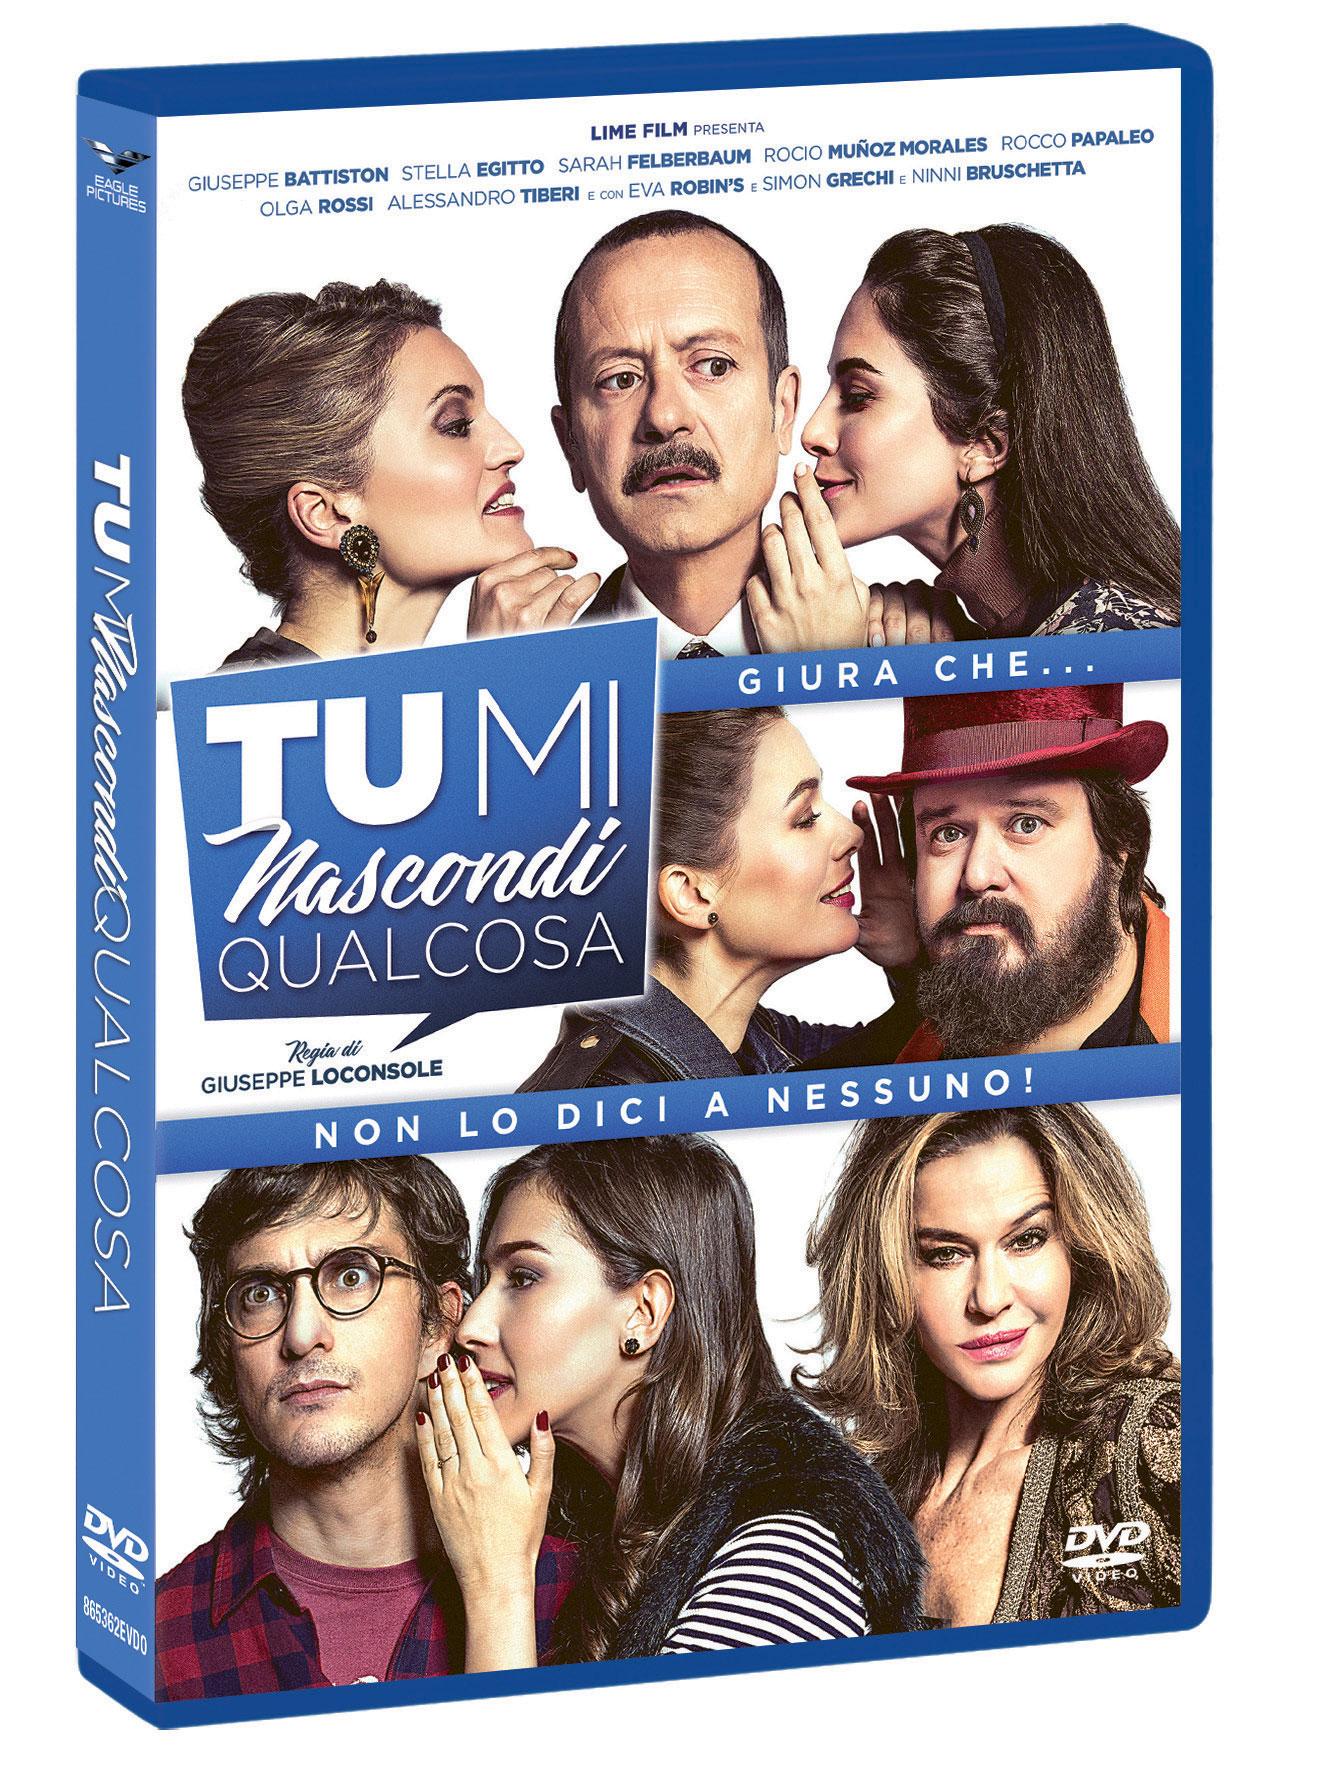 TU MI NASCONDI QUALCOSA (DVD)